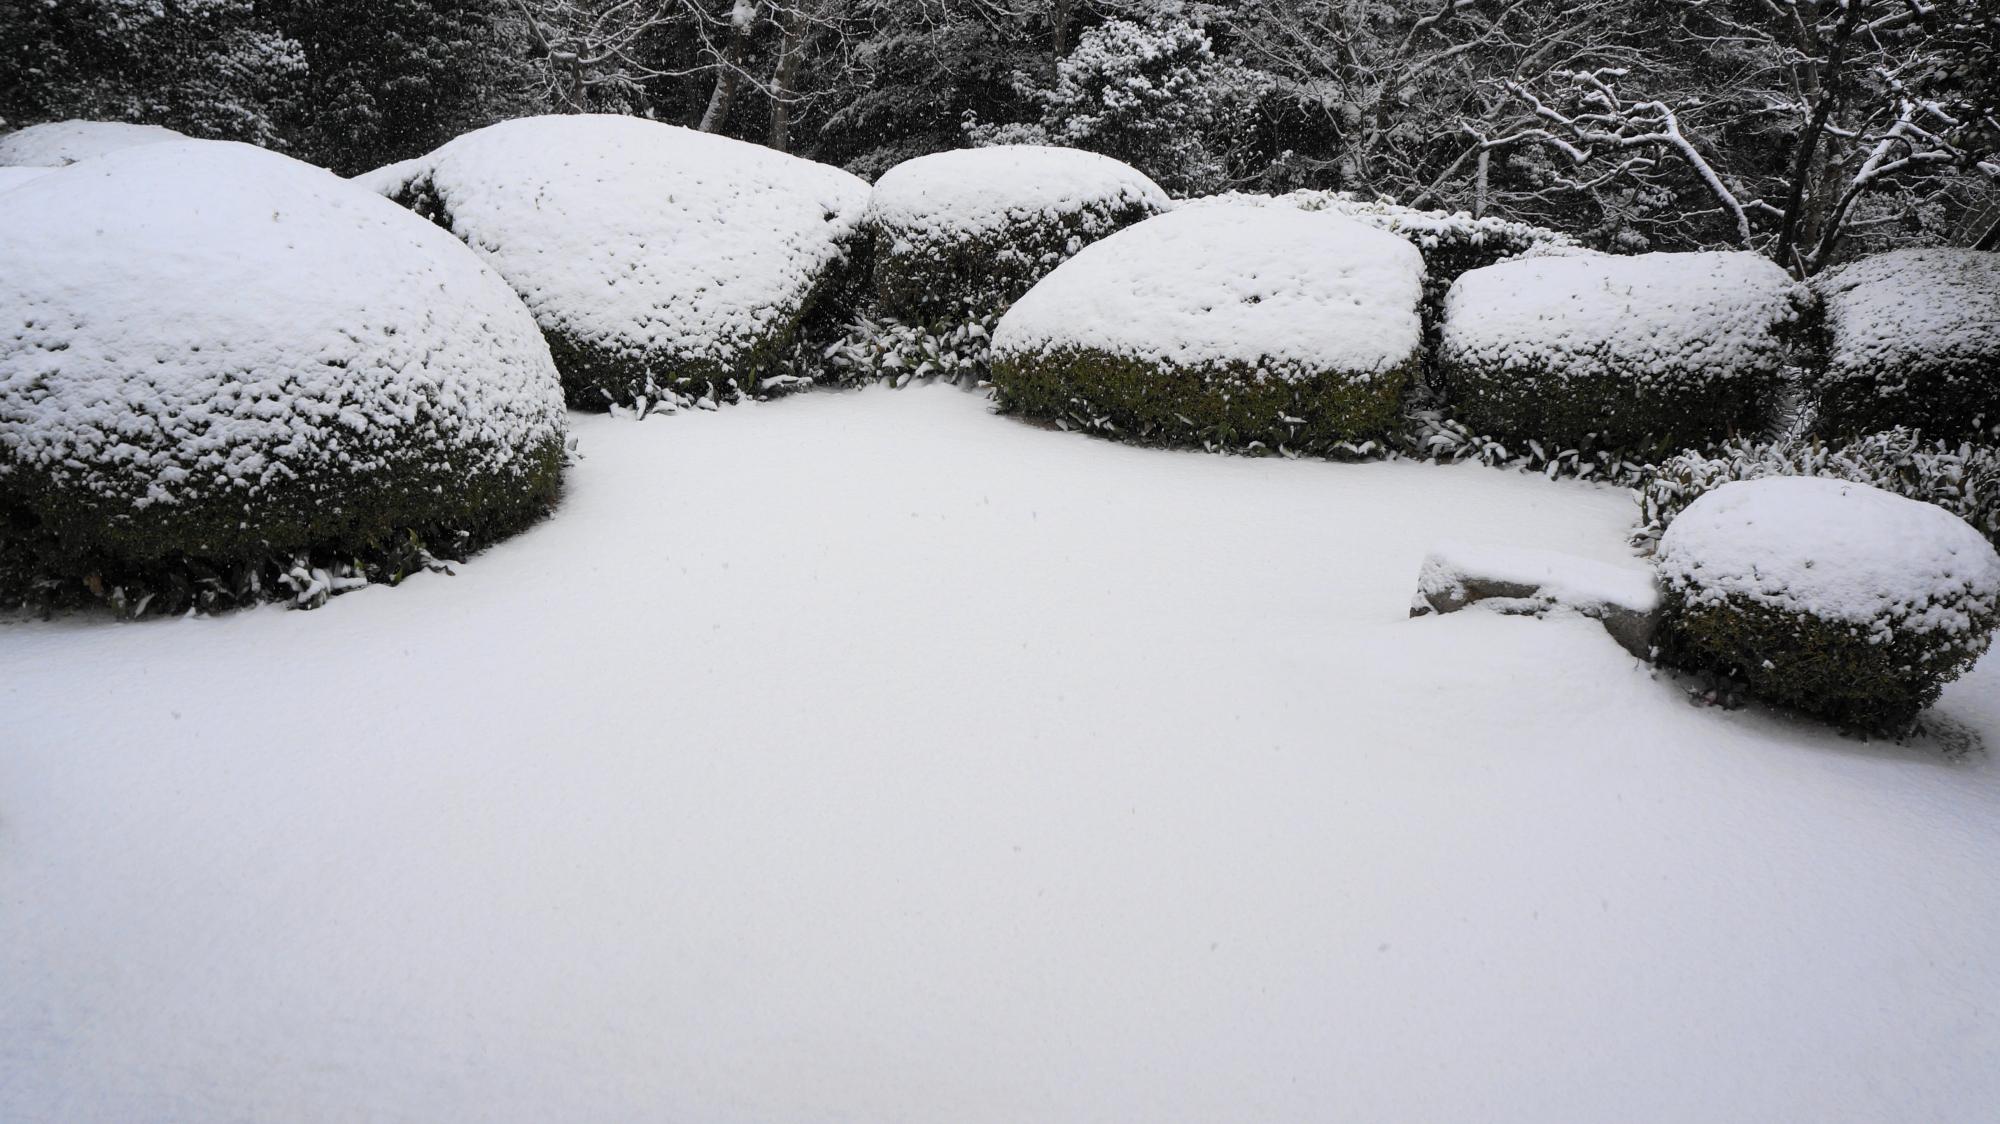 詩仙堂の圧巻の庭園の冬景色